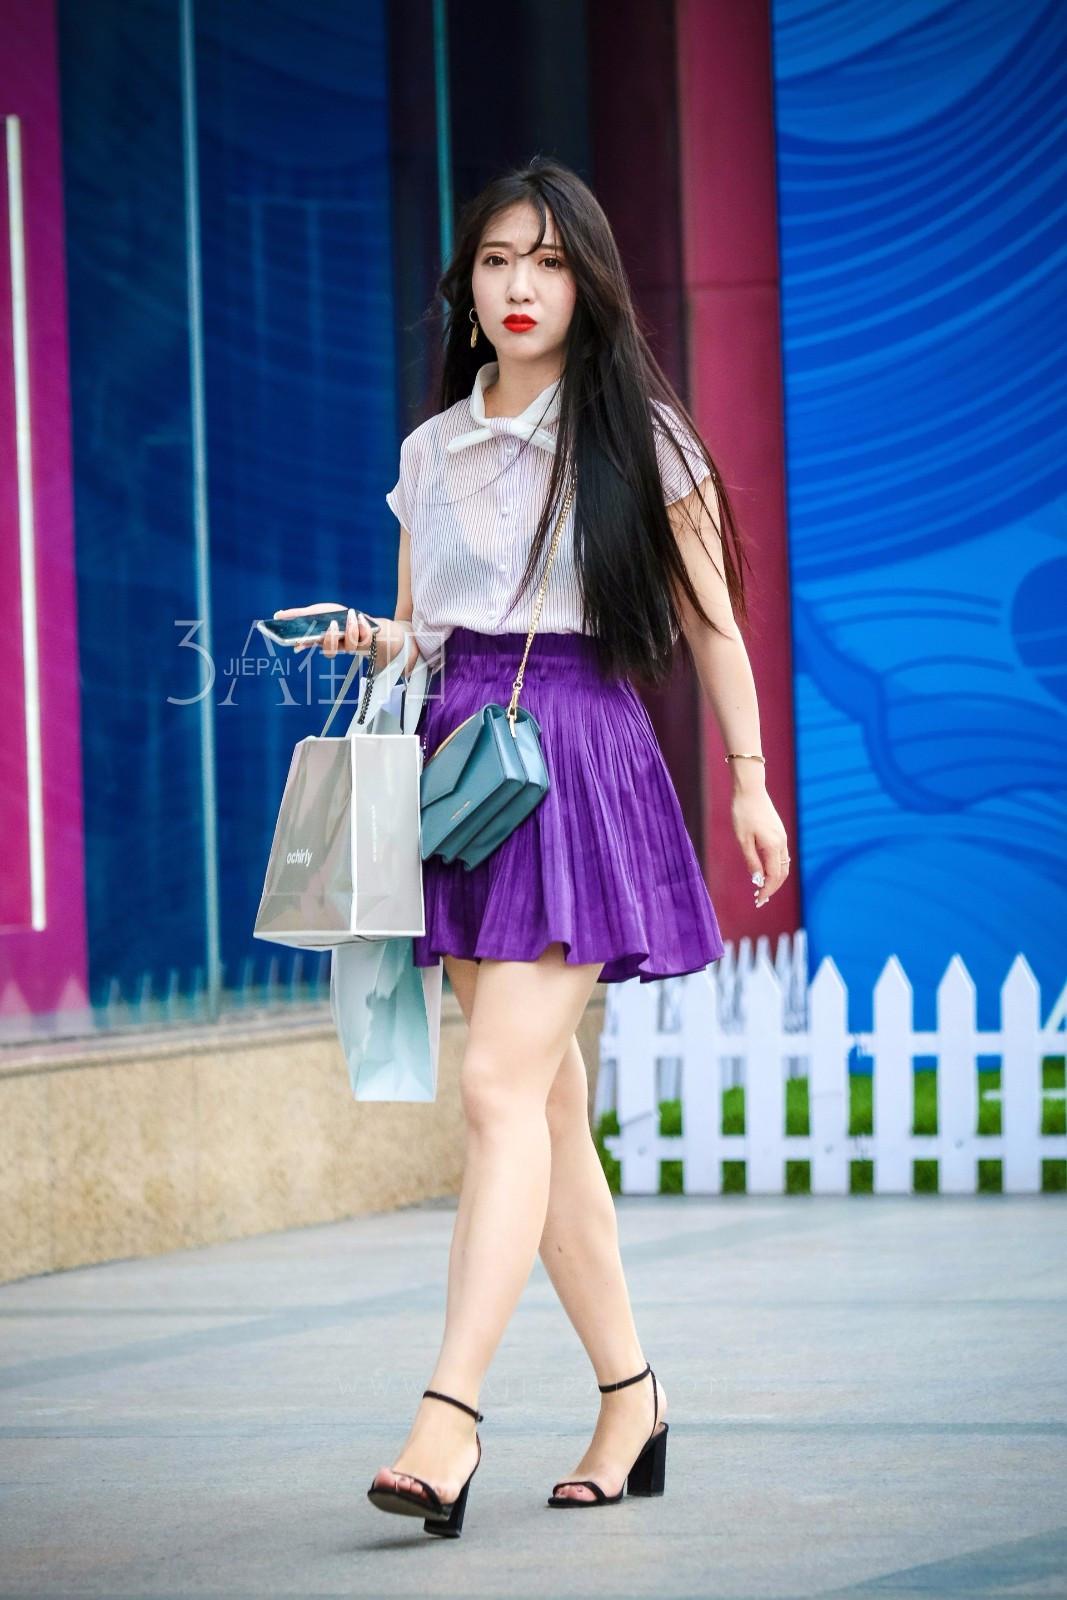 热点:街拍:温婉连衣裙配跟鞋打造精致感,纯色上衣配百褶塑造清新气质